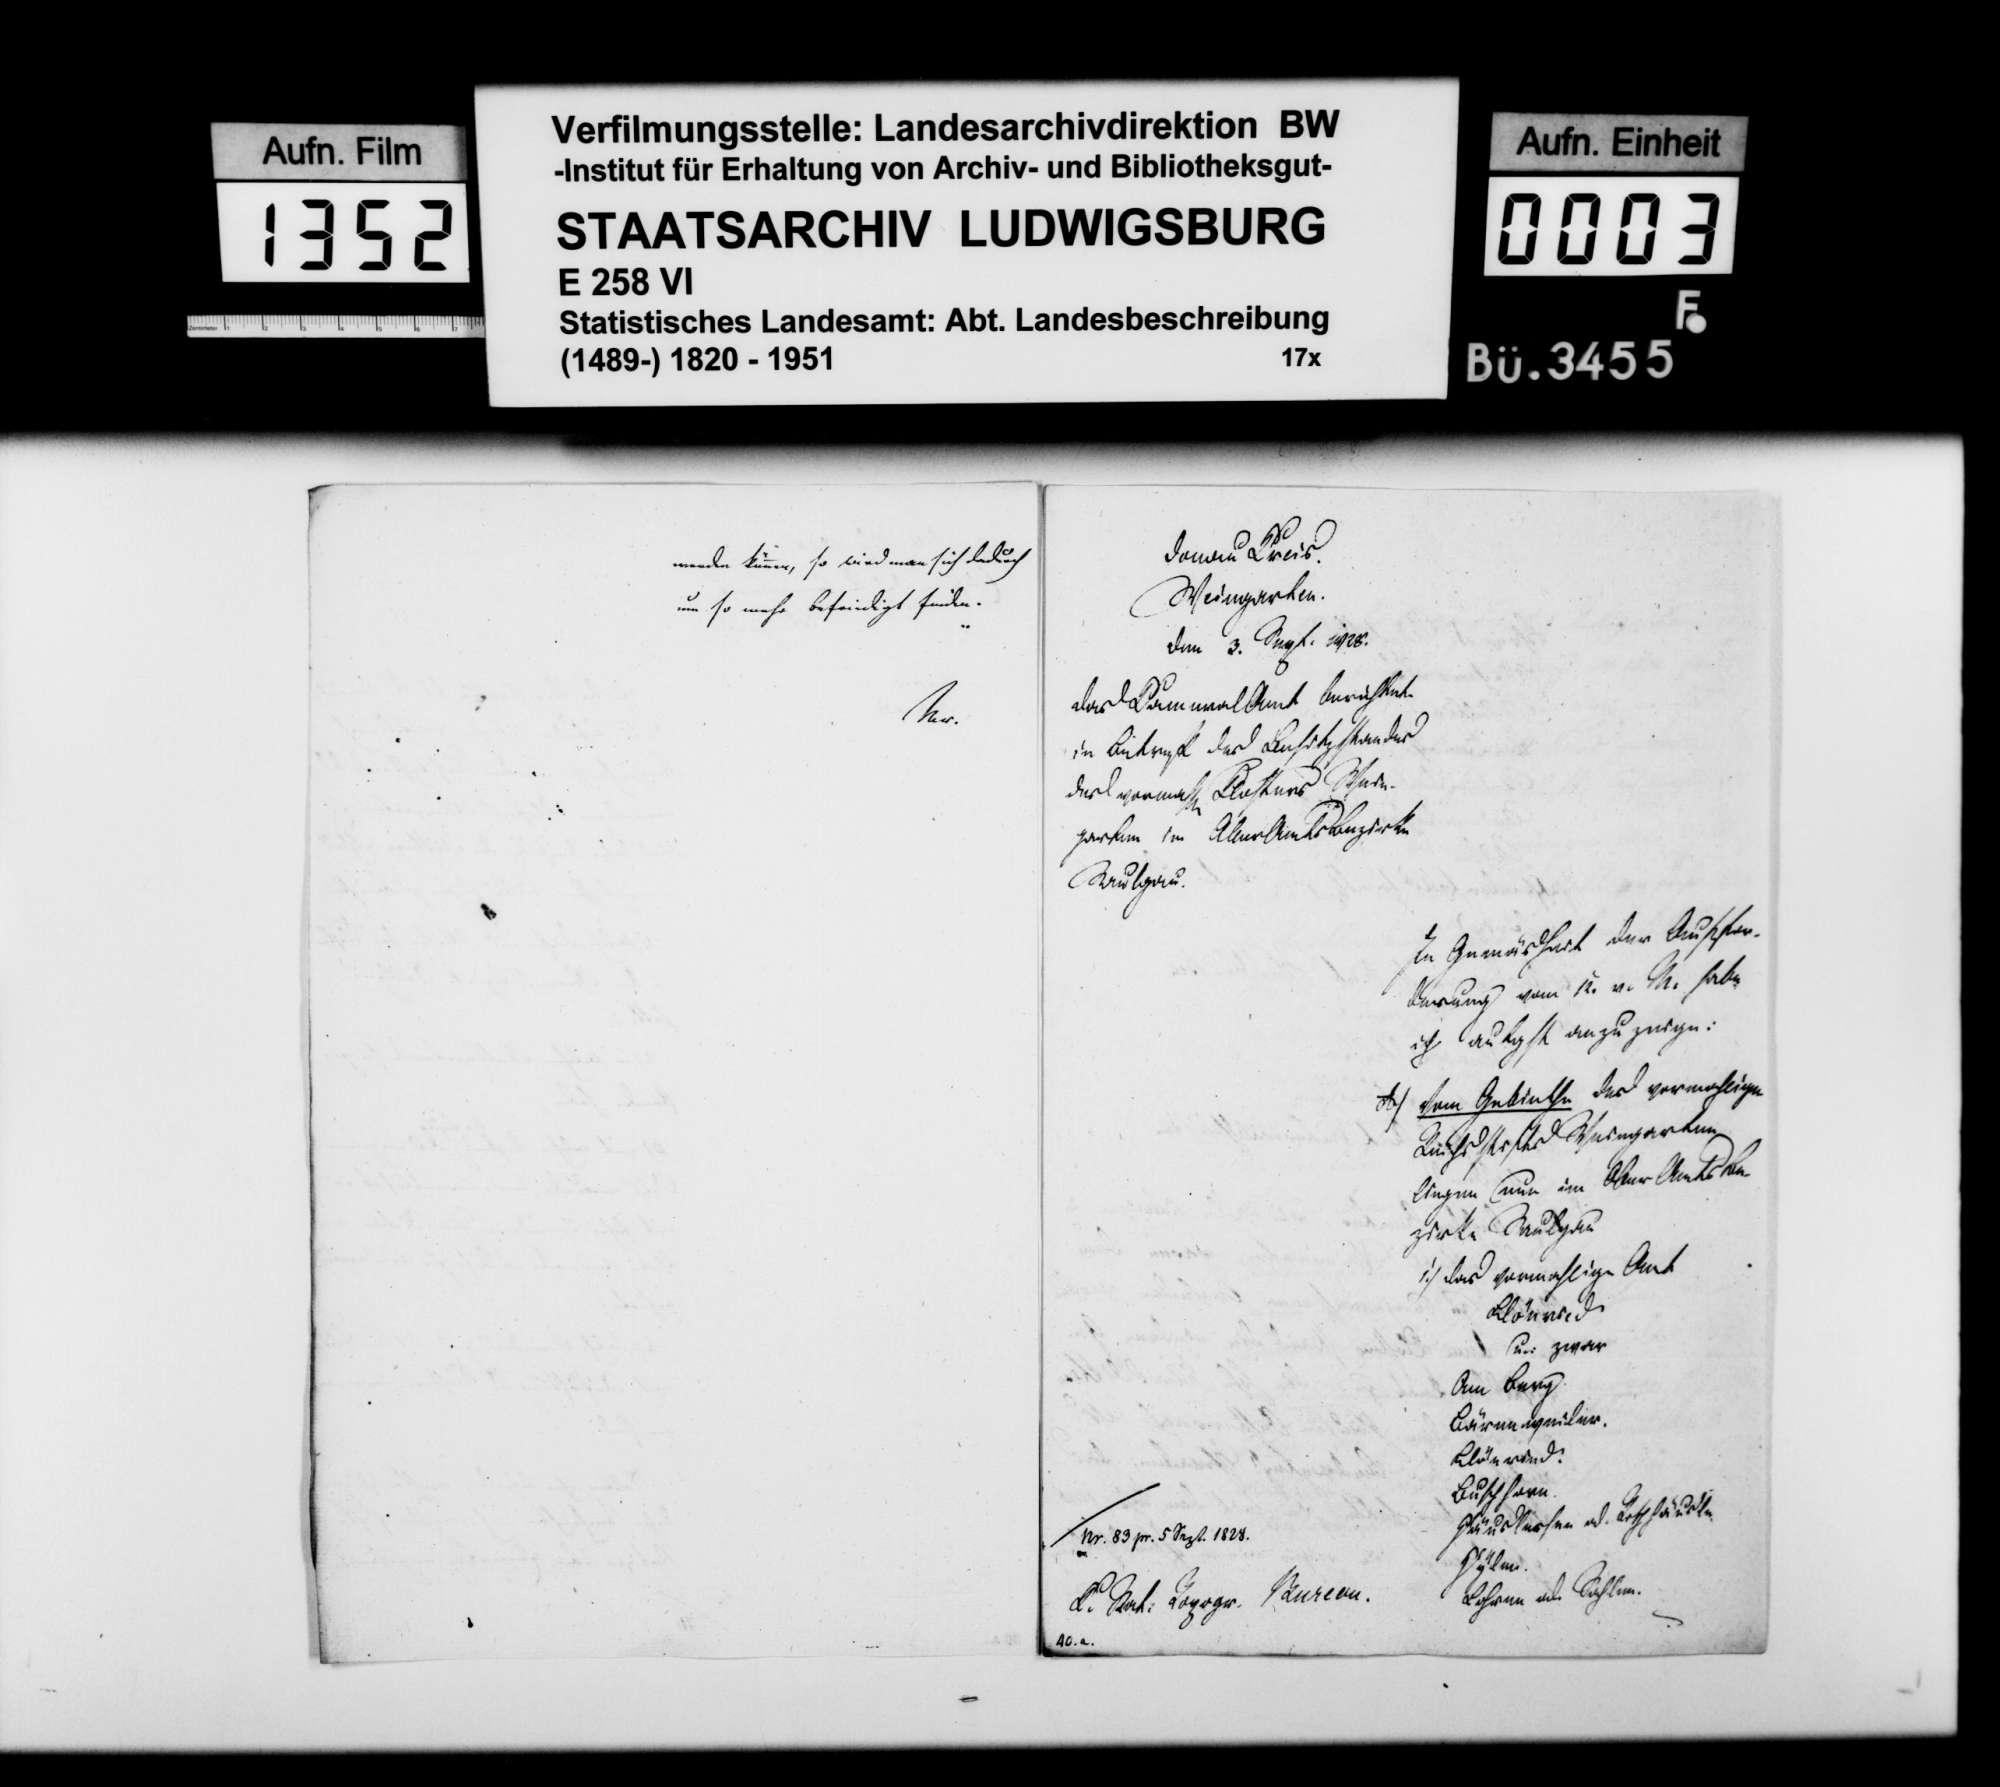 Korrespondenz mit württembergischen Dienststellen zur Nachrichtensammlung für die OAB, Bild 2